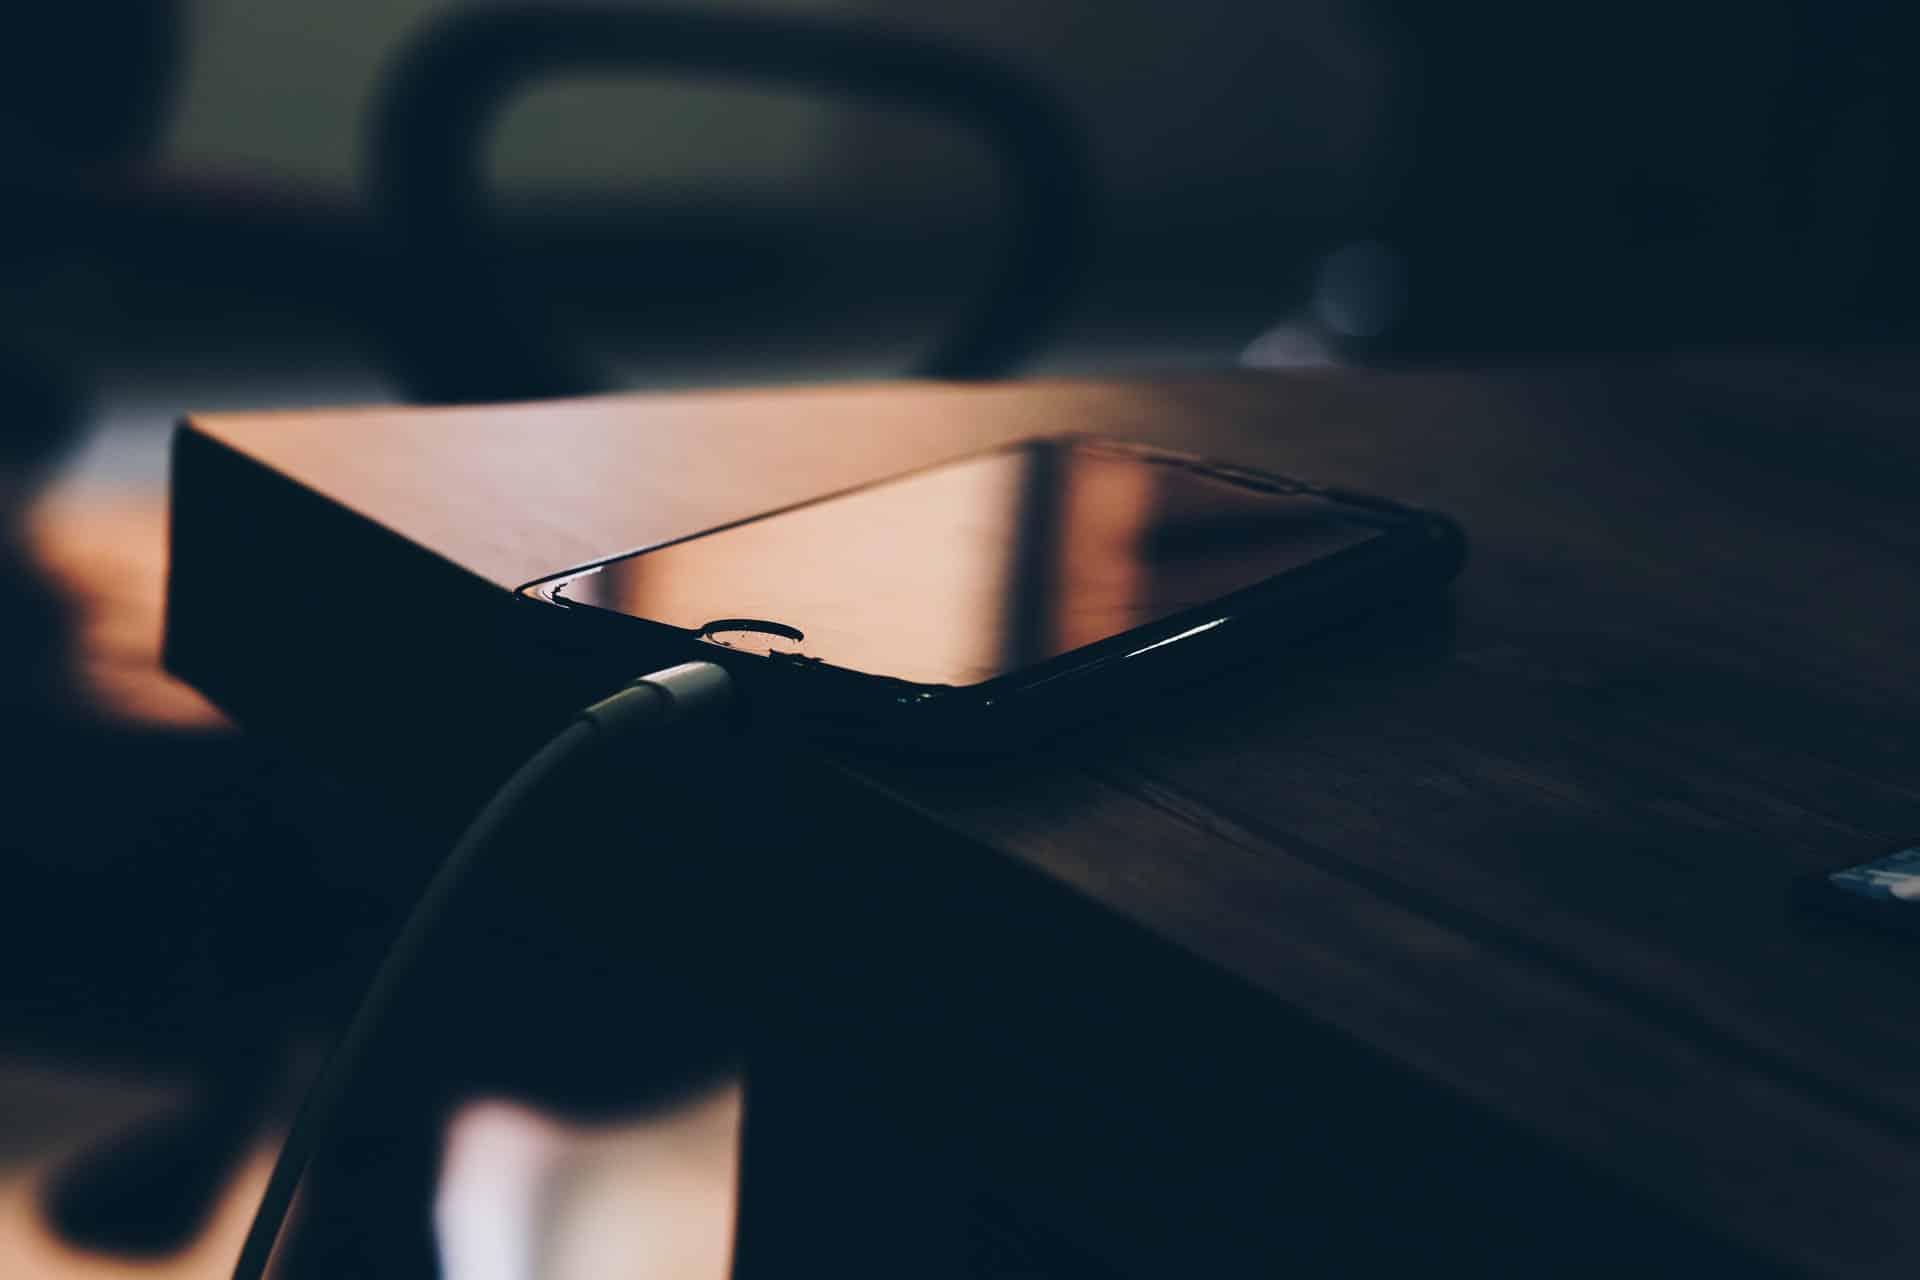 iPhone pila batería